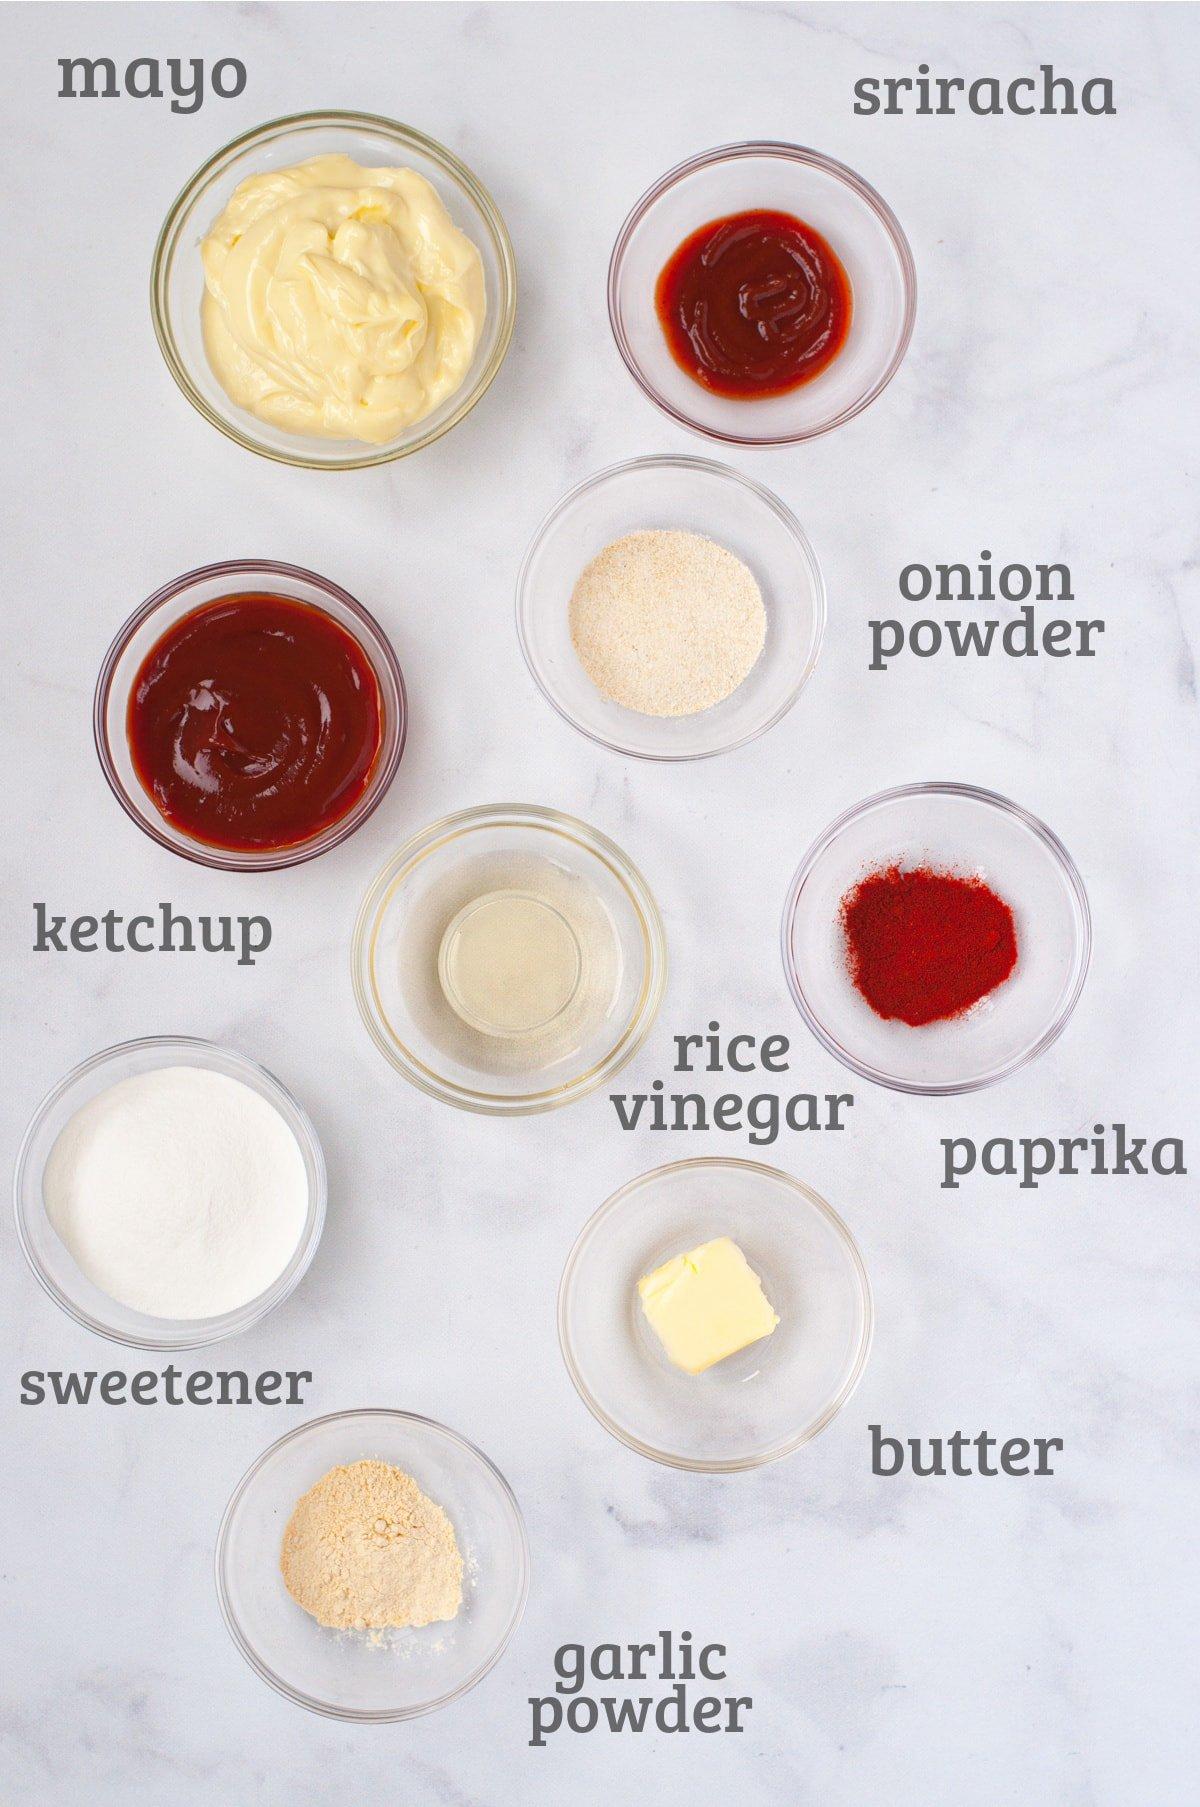 Ingredients for keto yum yum sauce - ketchup, mayo, paprika, butter, sweetener, garlic, onion, vinegar